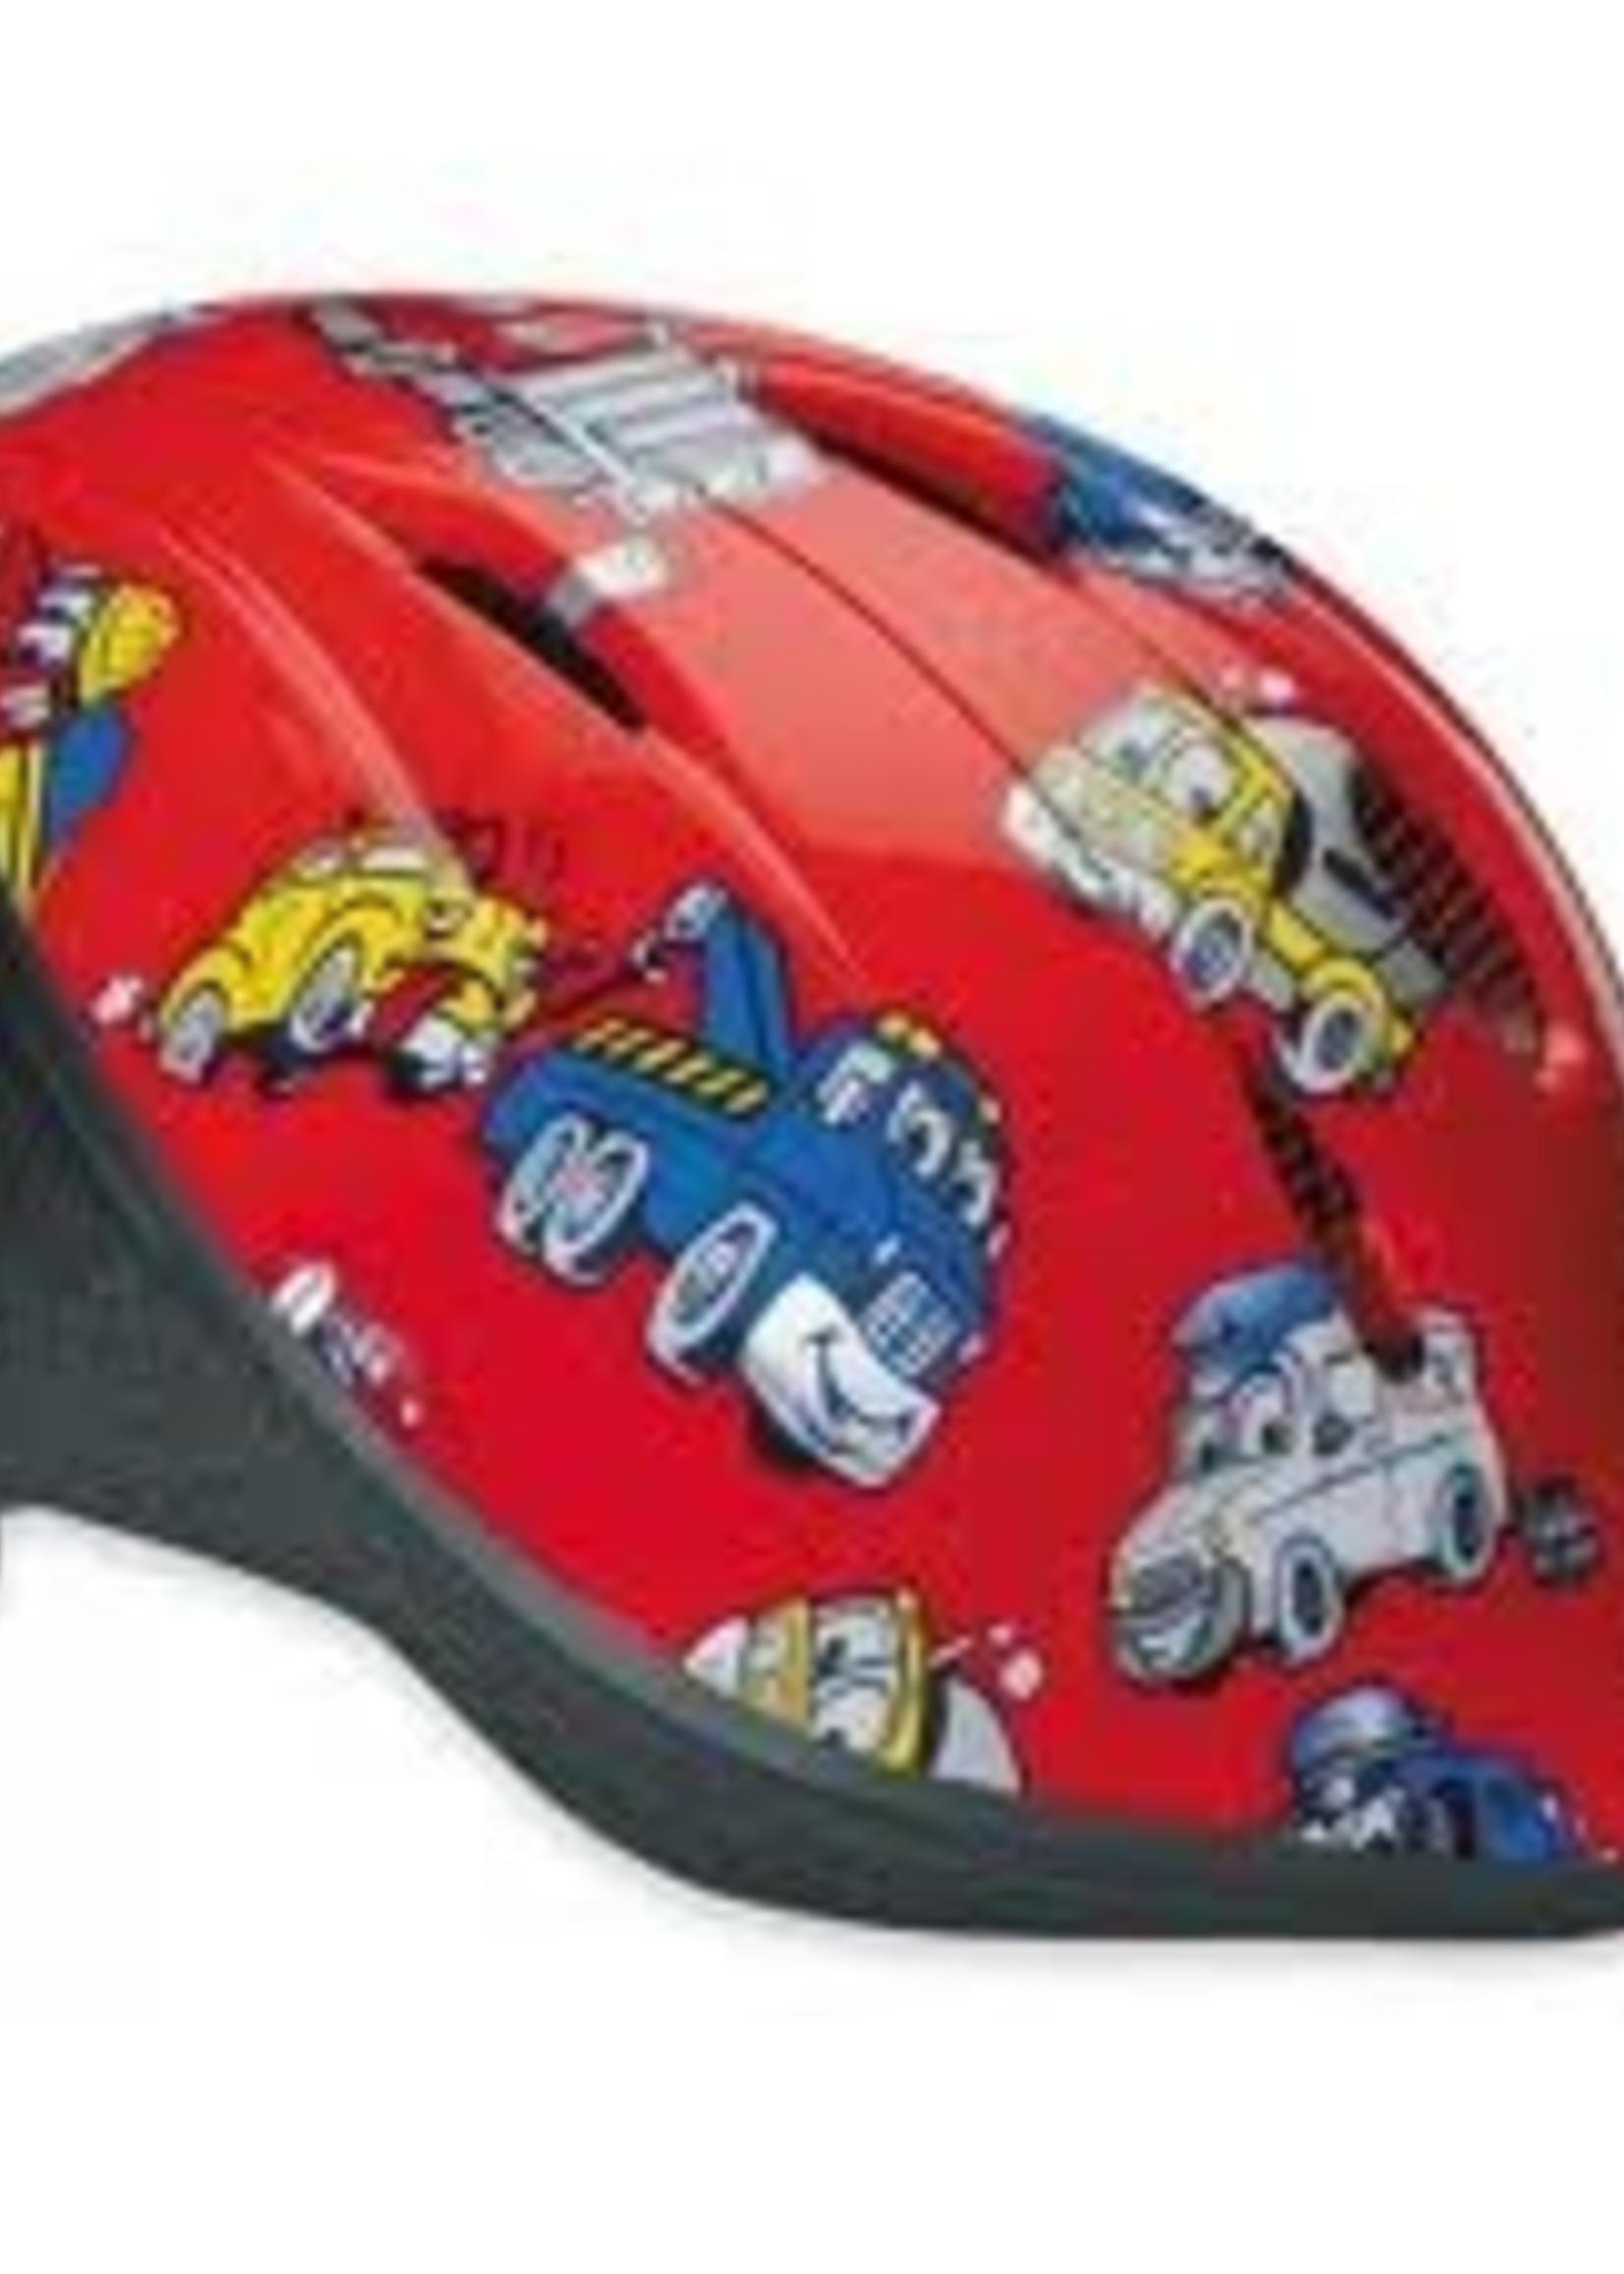 Giro Giro and Bell kids bike helmets